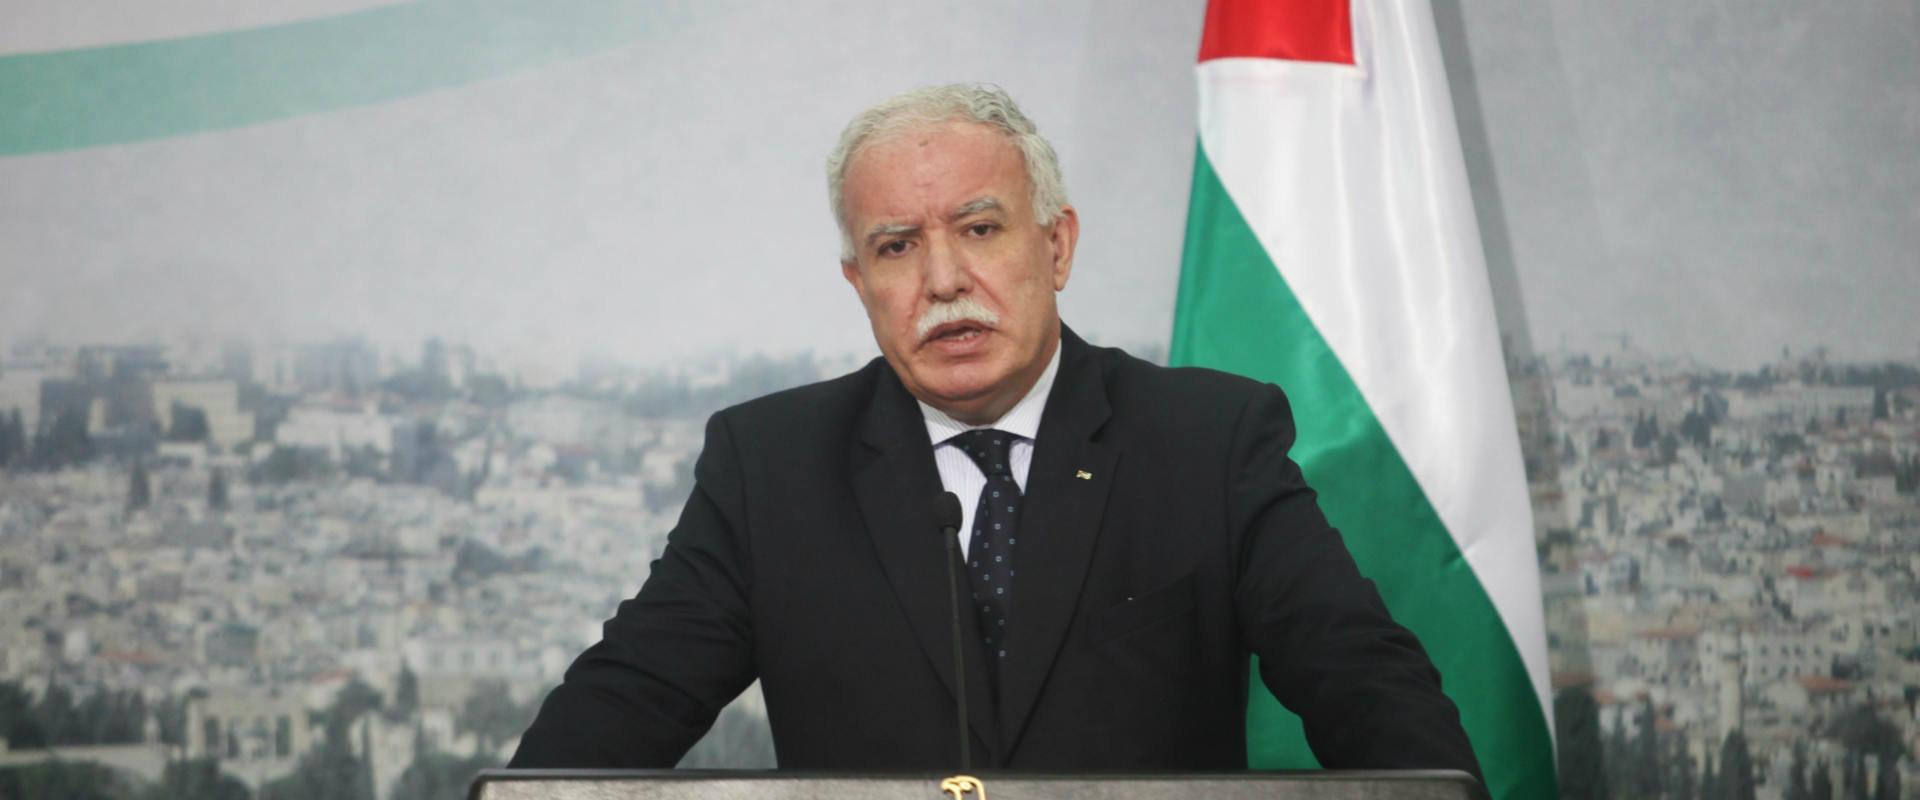 שר החוץ הפלסטיני, ריאד אל מאלכי